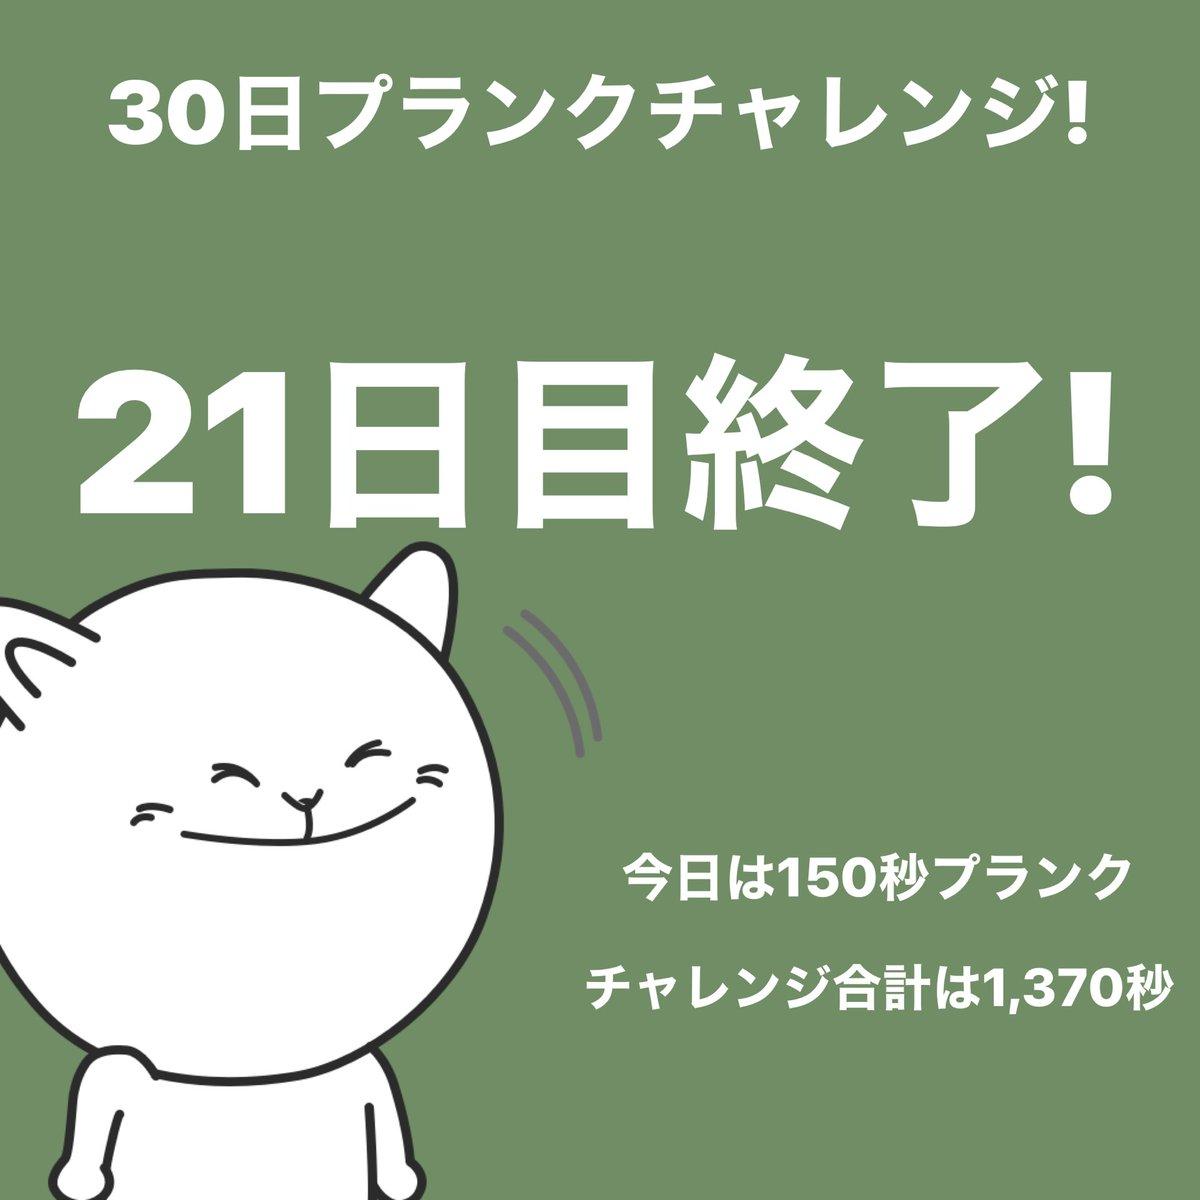 #プランクチャレンジ 21日目終了!今日は150秒プランクしました。 #30日チャレンジ